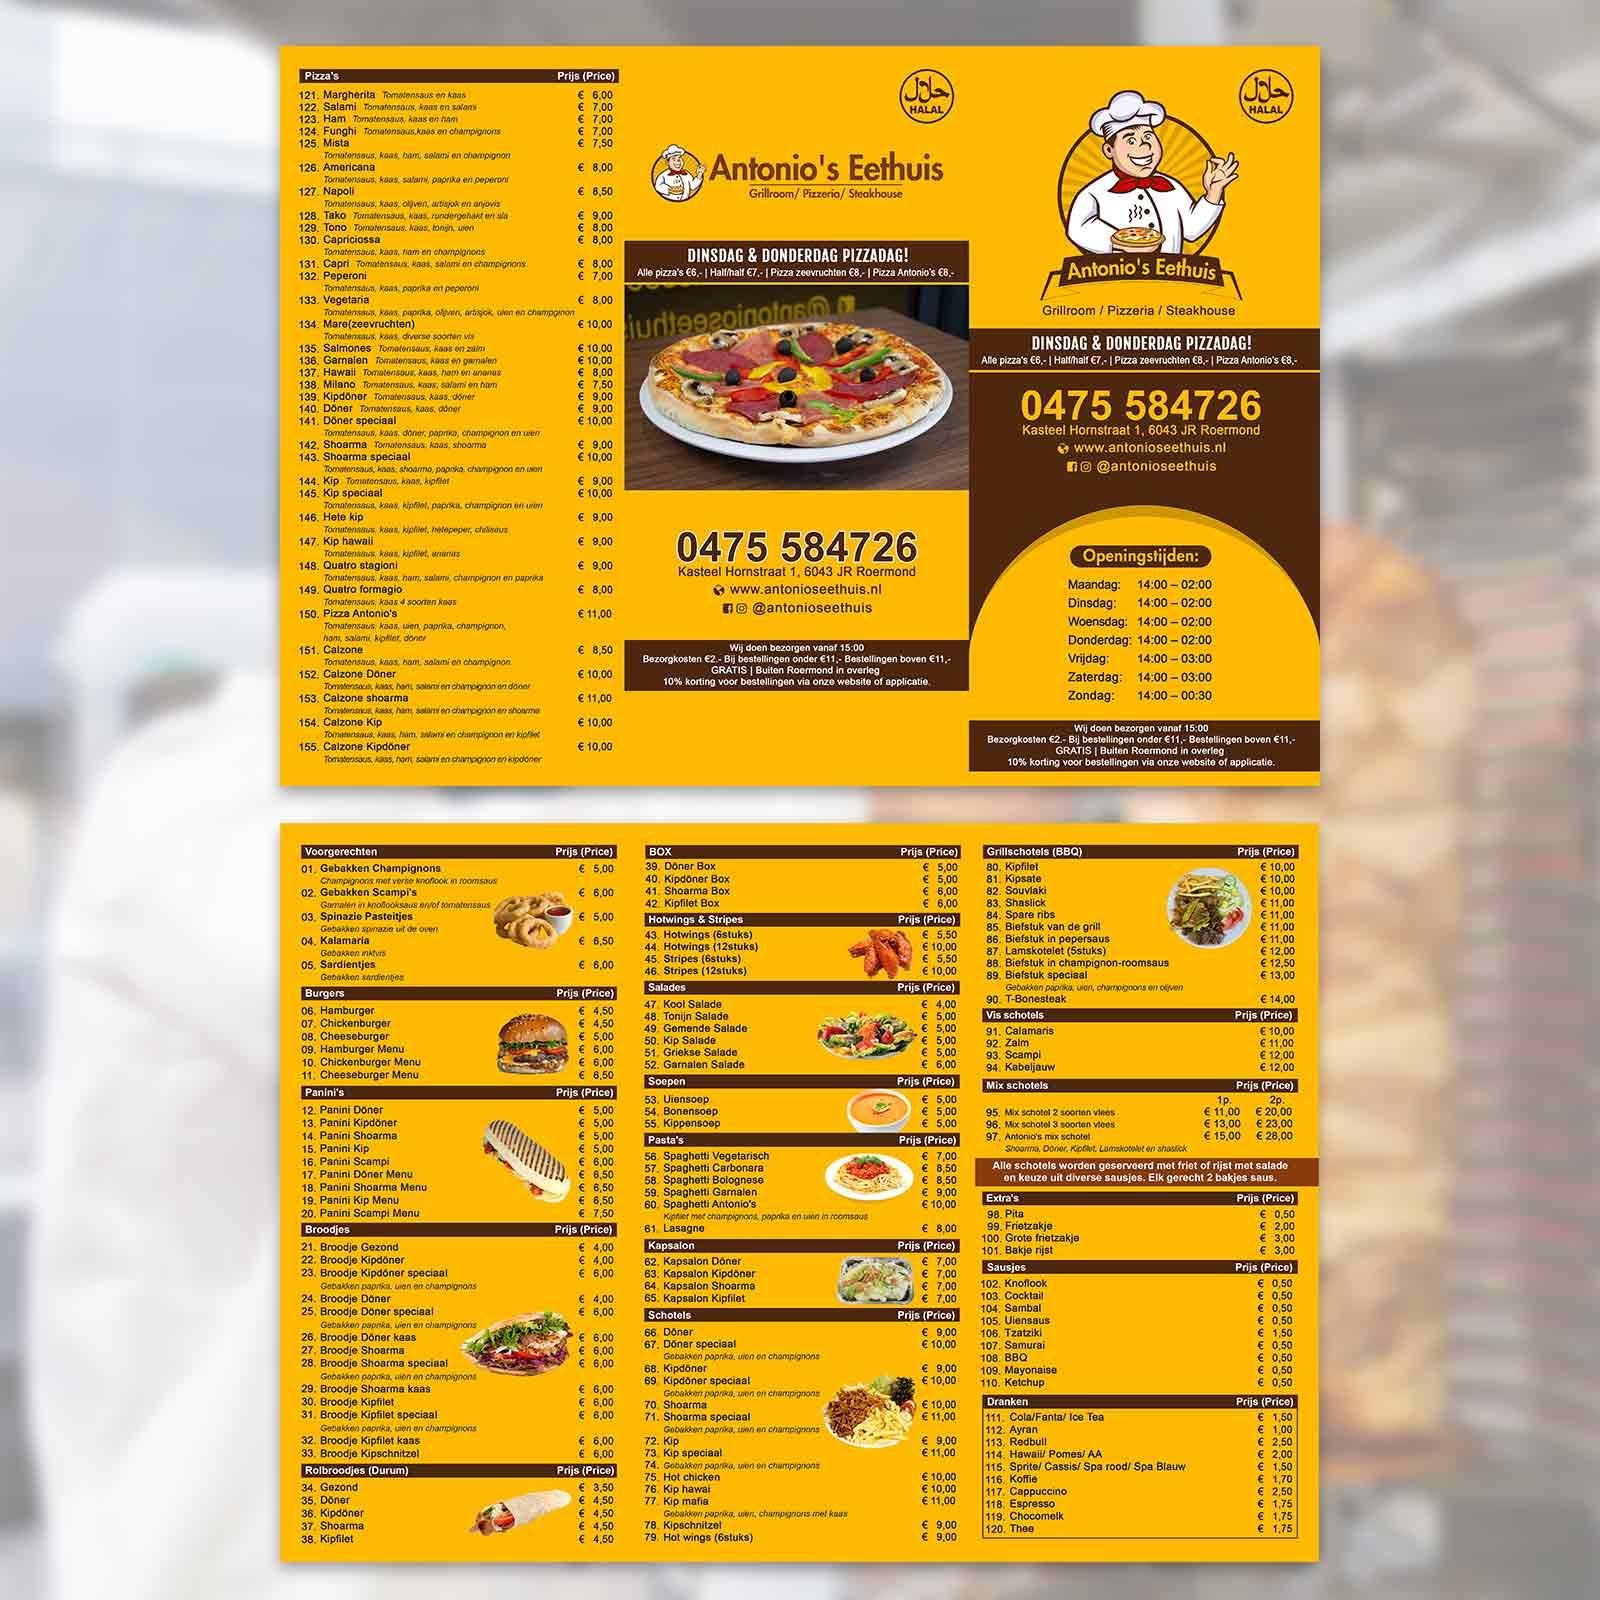 Antonio's eethuis menu | DesignMyLogo